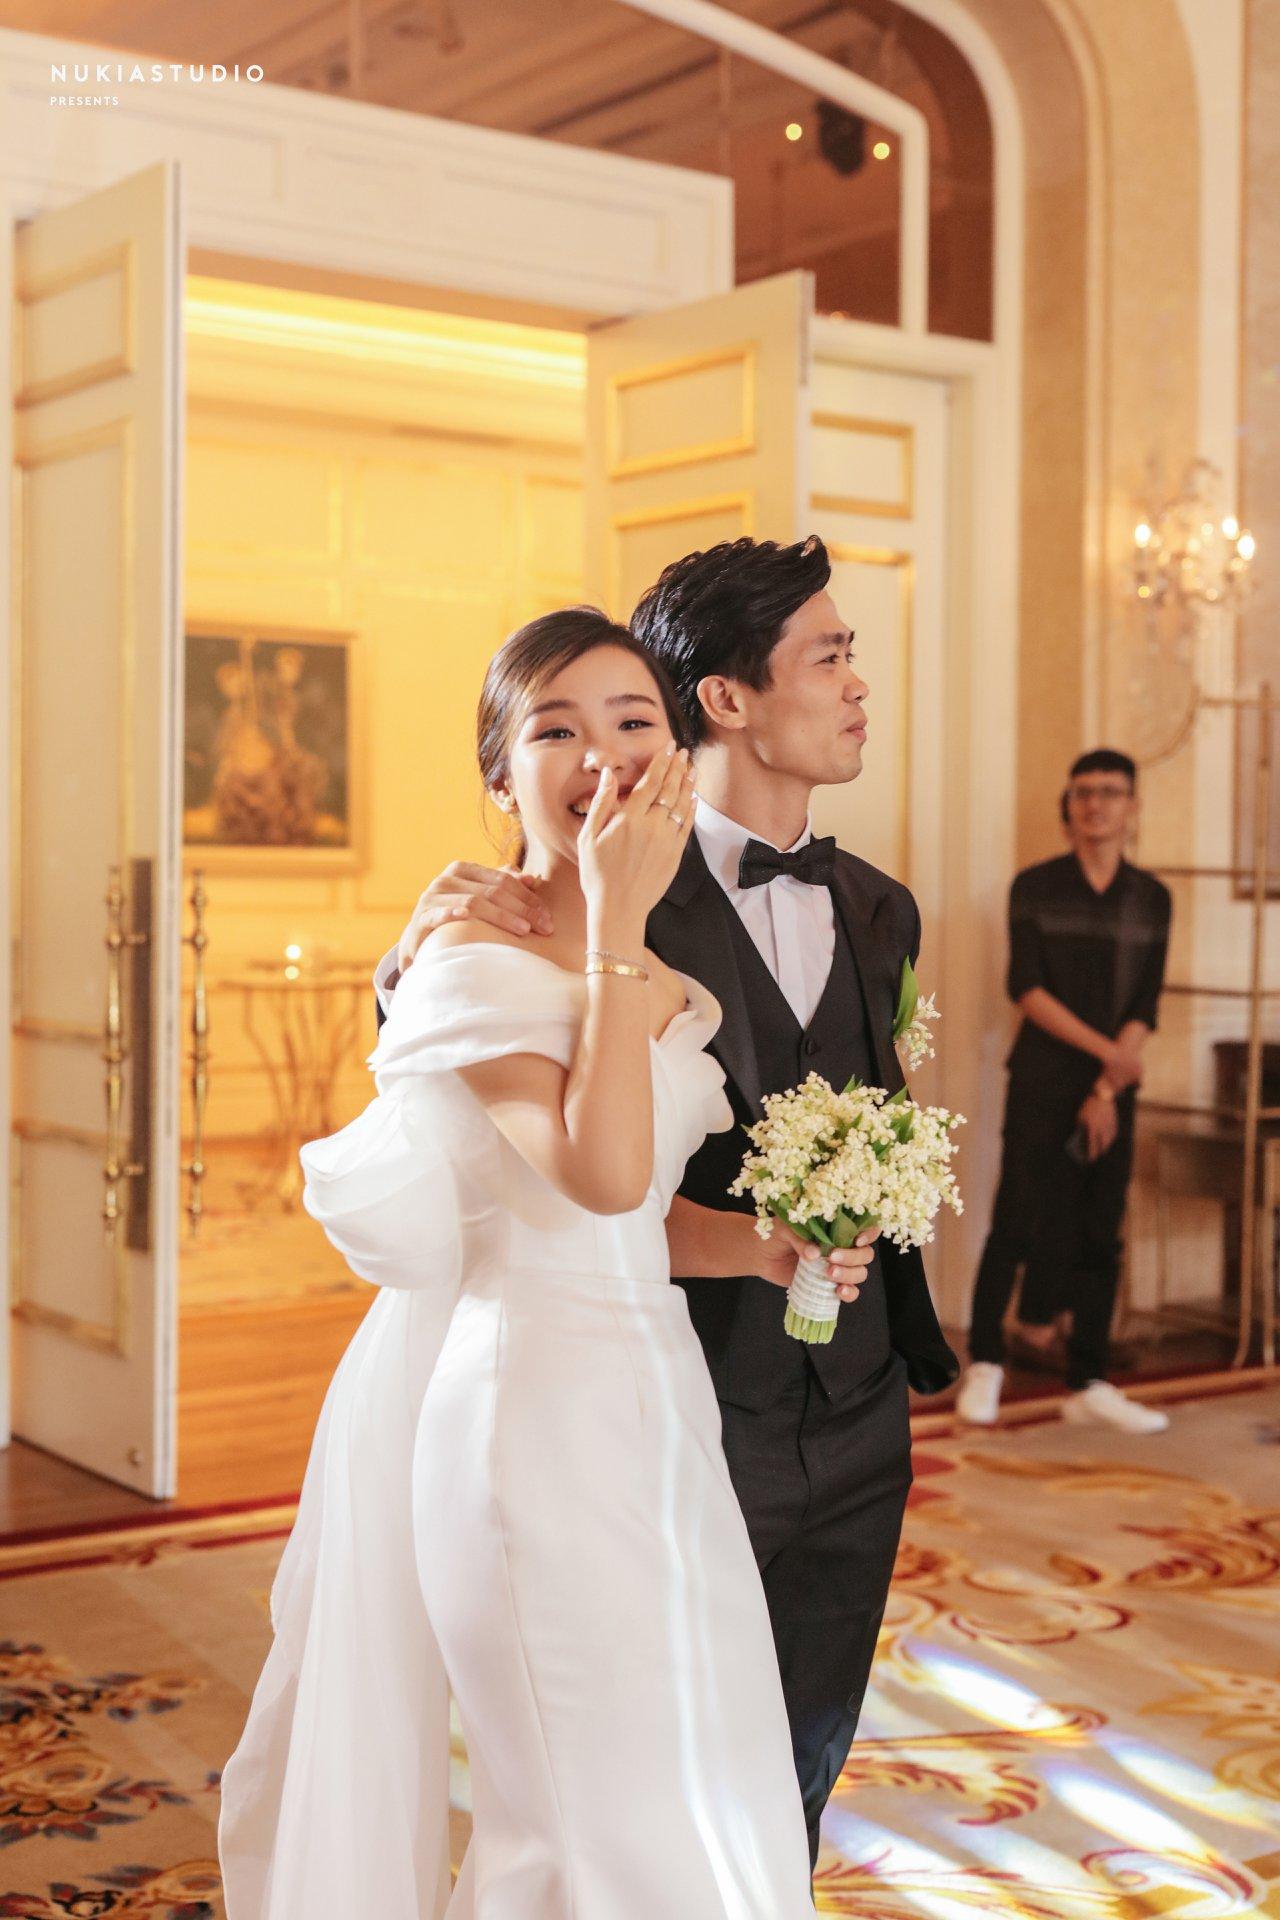 Công Phượng lần đầu lên tiếng sau lễ đính hôn bất ngờ với Viên Minh hình ảnh gốc 2